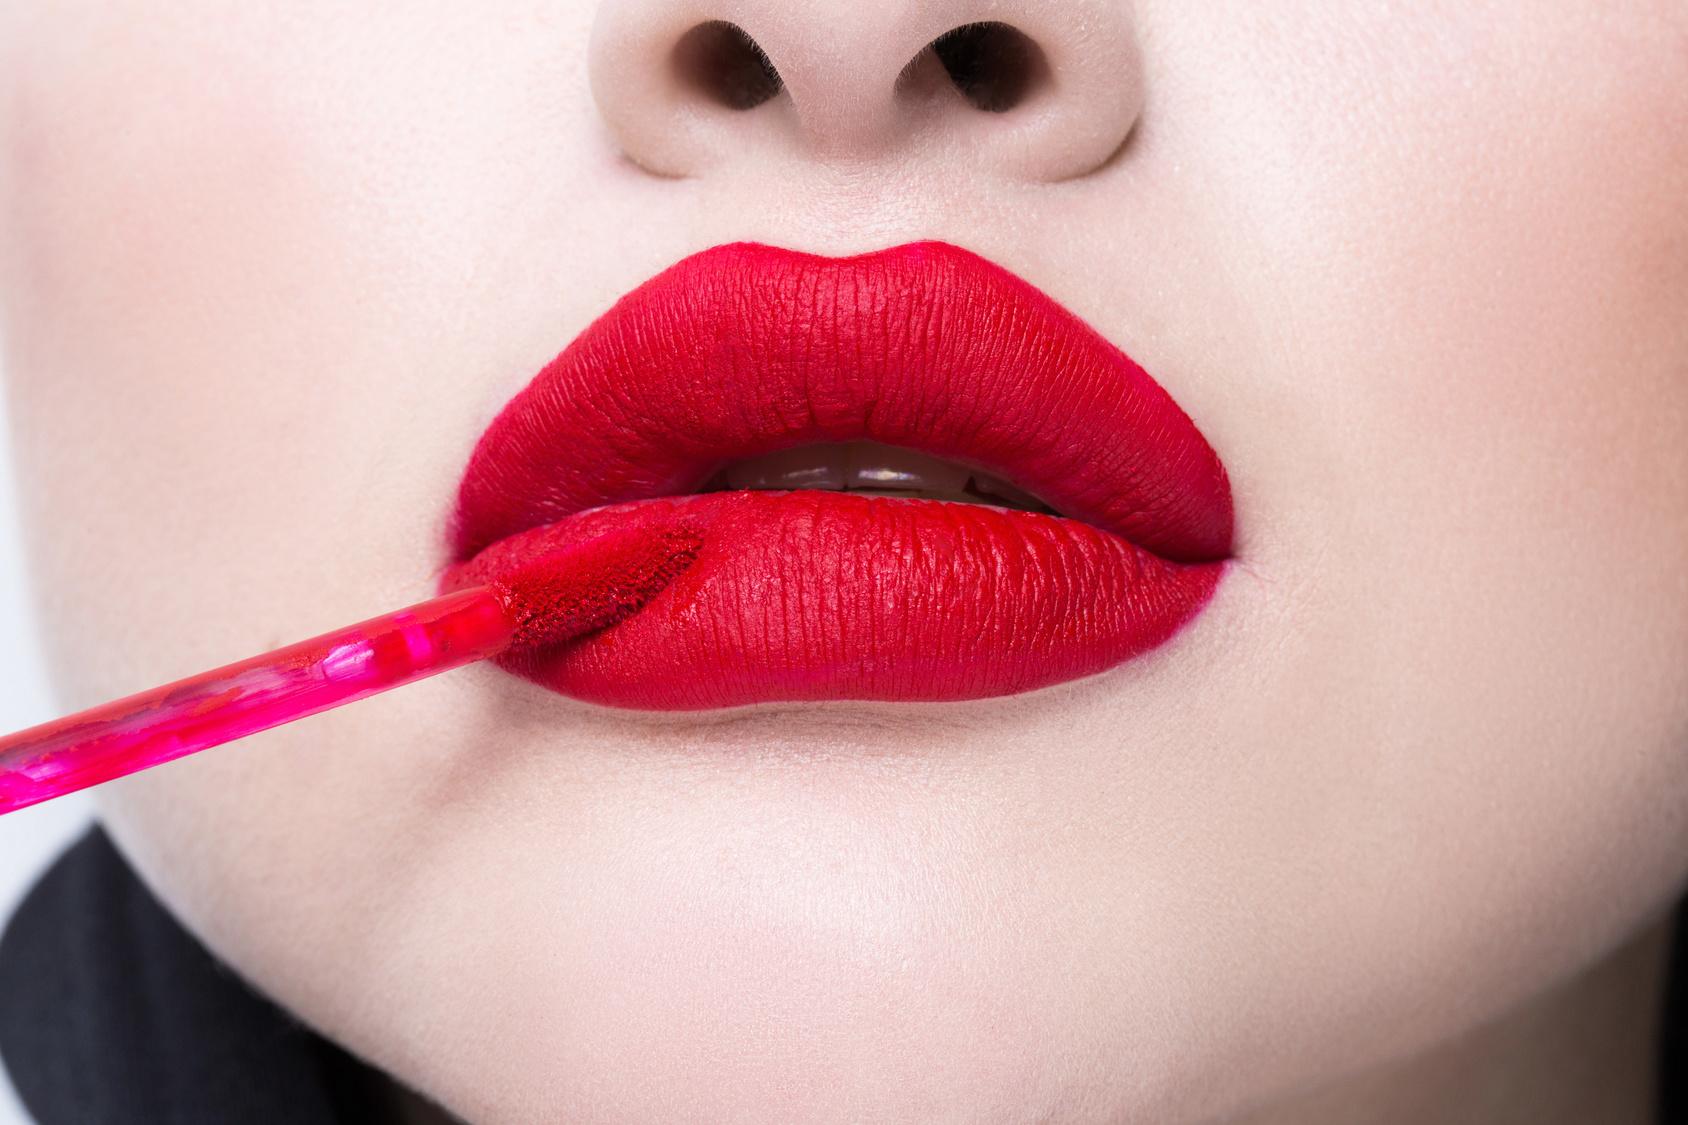 Matowe usta, błyszczące oko – makijażowe inspiracje